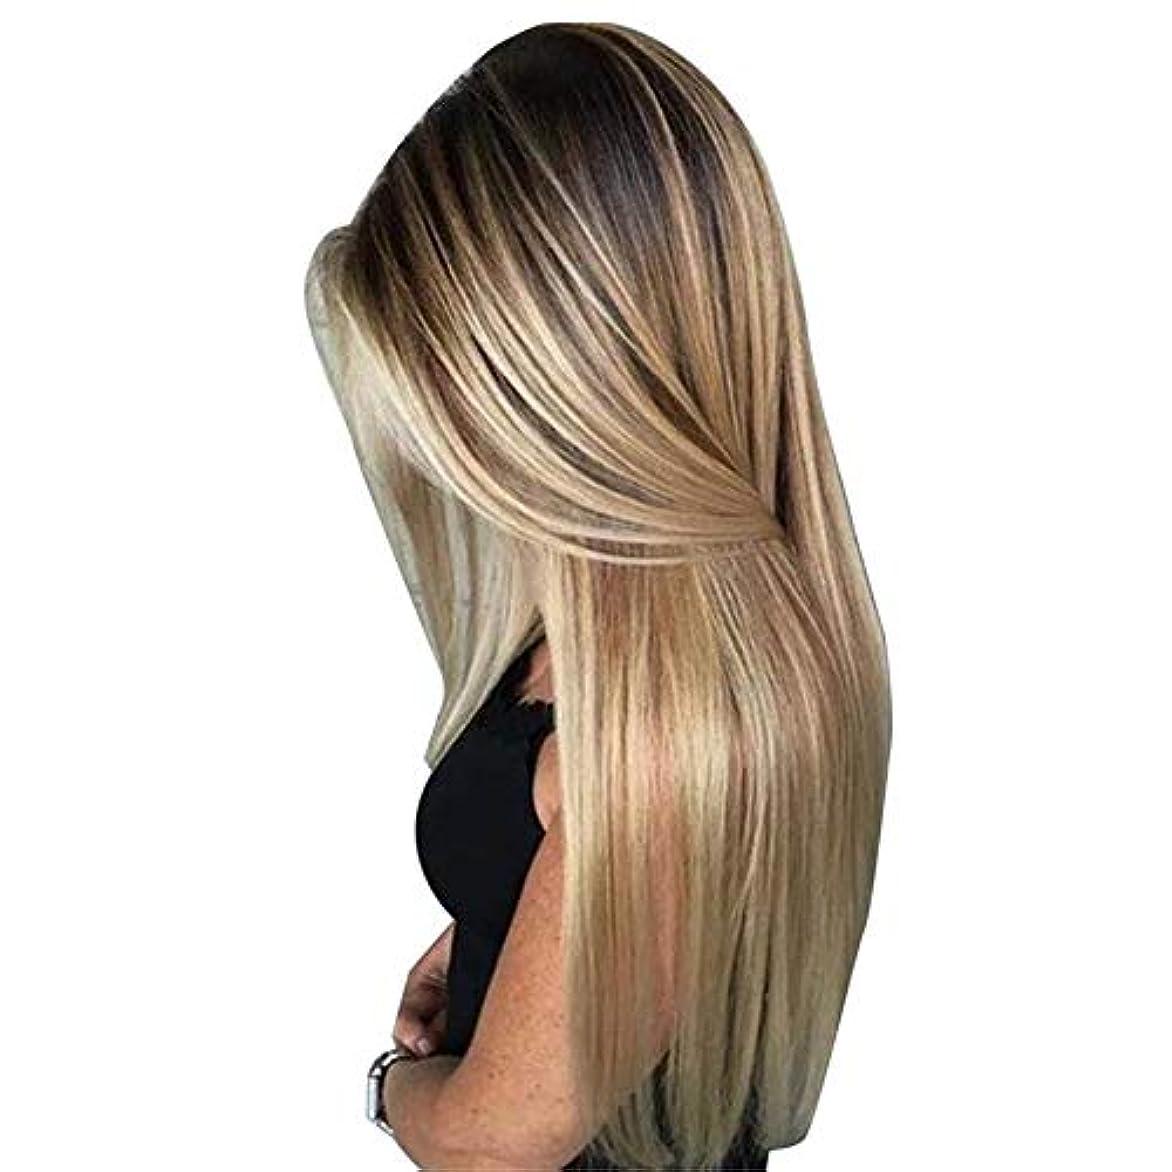 属する霜ピラミッドBULemonロングストレートヘア高温シルクウィッグブロンドの人工毛ウィッグレディースロングストレートヘアウィッグ